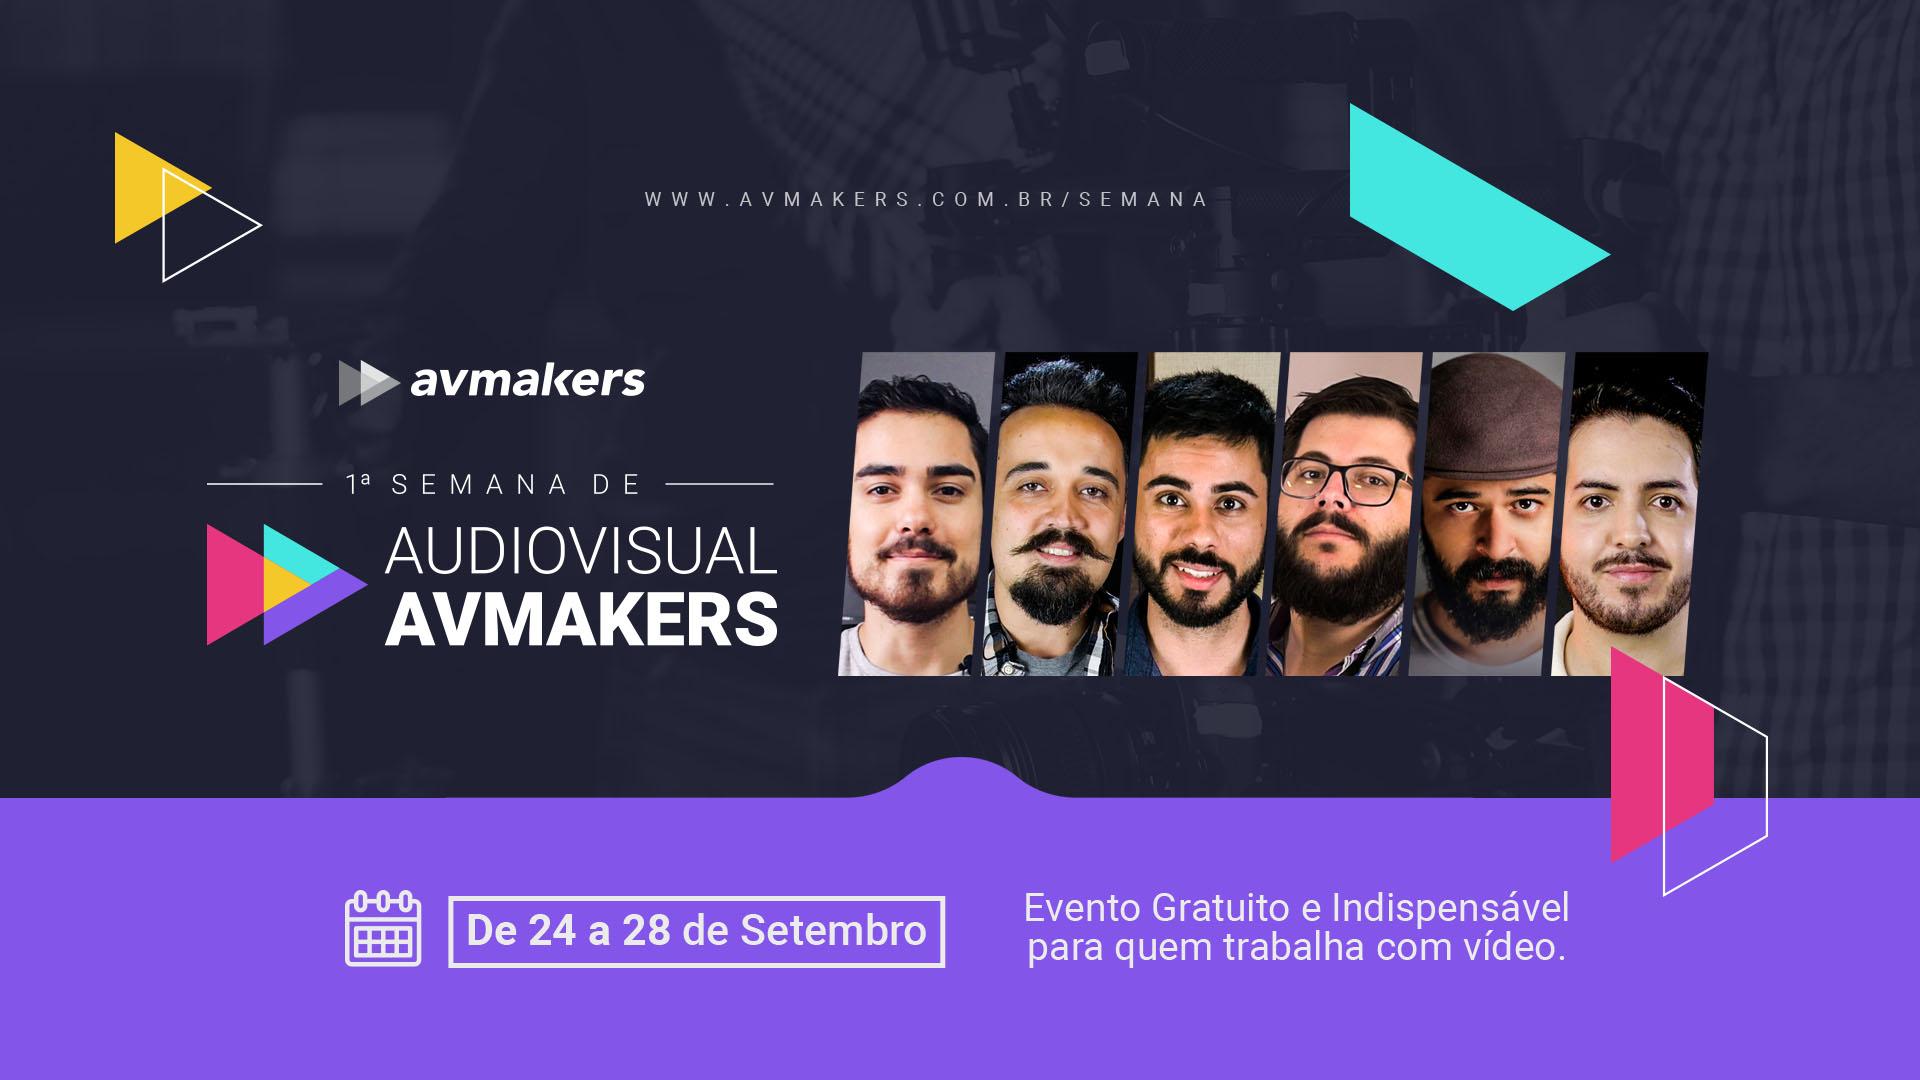 Vem Aí a 1ª Semana de Audiovisual AvMarkers